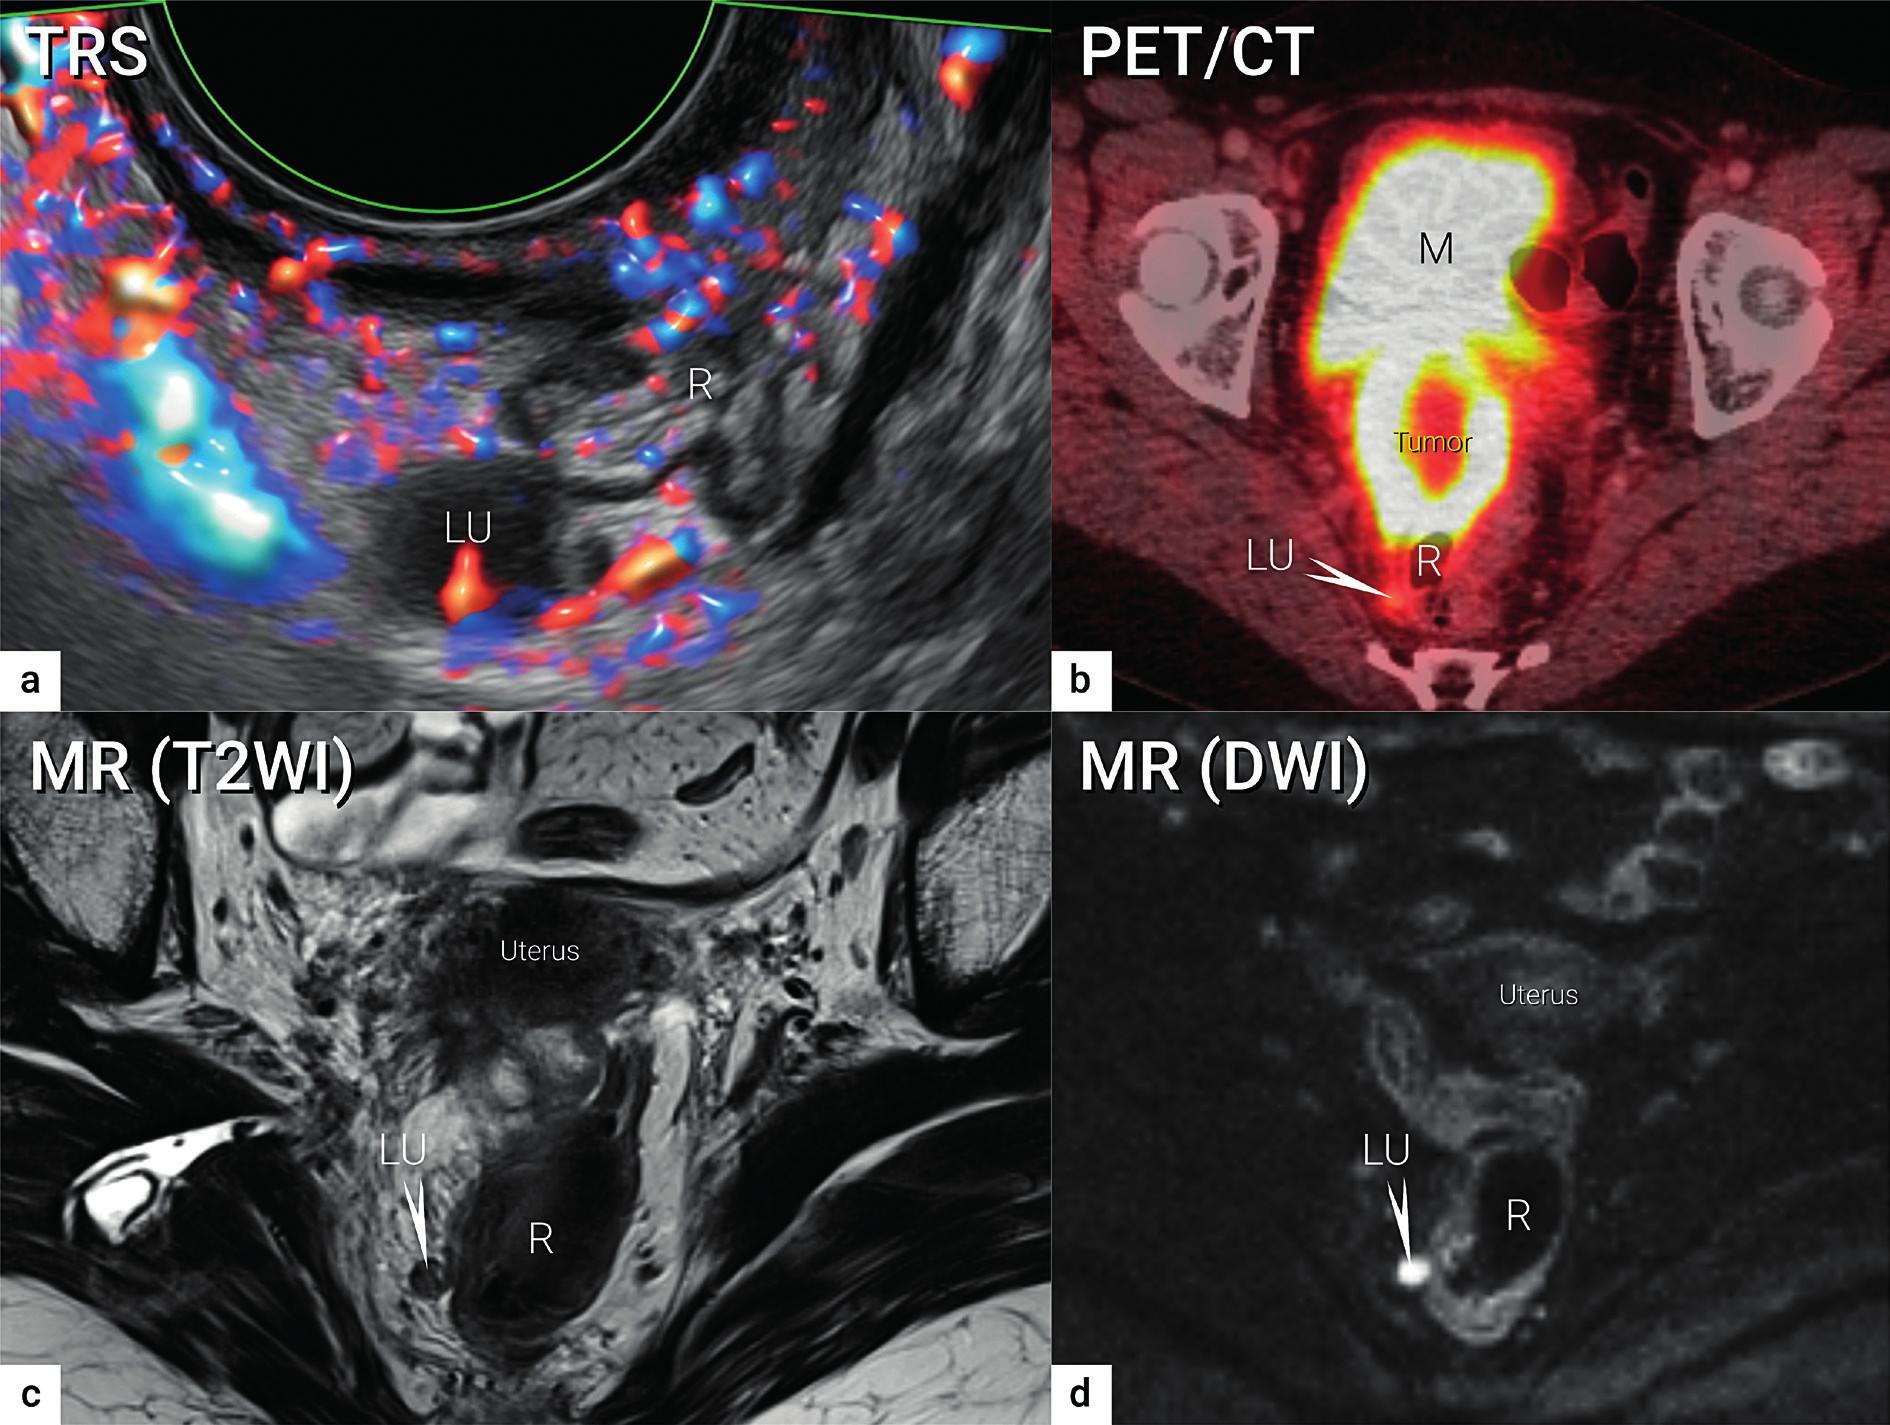 Zobrazení lymfatických uzlin<br> Viscerální metastatická lymfatická uzlina o velikosti 10 mm uložená v pravém sakrouterinním vazu podle transrektálního ultrazvuku (a), PET/CT (b), MR (T2WI)(c) a MR (DWI)(d). TRS – transrektální ultrazvuk; PET/CT – pozitronová emisní tomografie fúzovaná s CT; MR (T2WI) – magnetická rezonance s T2 váženými obrazy (T2WI, T2 weighted images); MR (DWI) – magnetická rezonance se zobrazením difuze (DWI – diffusion weighted images); LU – lymfatická uzlina (označena šipkou v b, c, d); R – rektum; M – močový měchýř